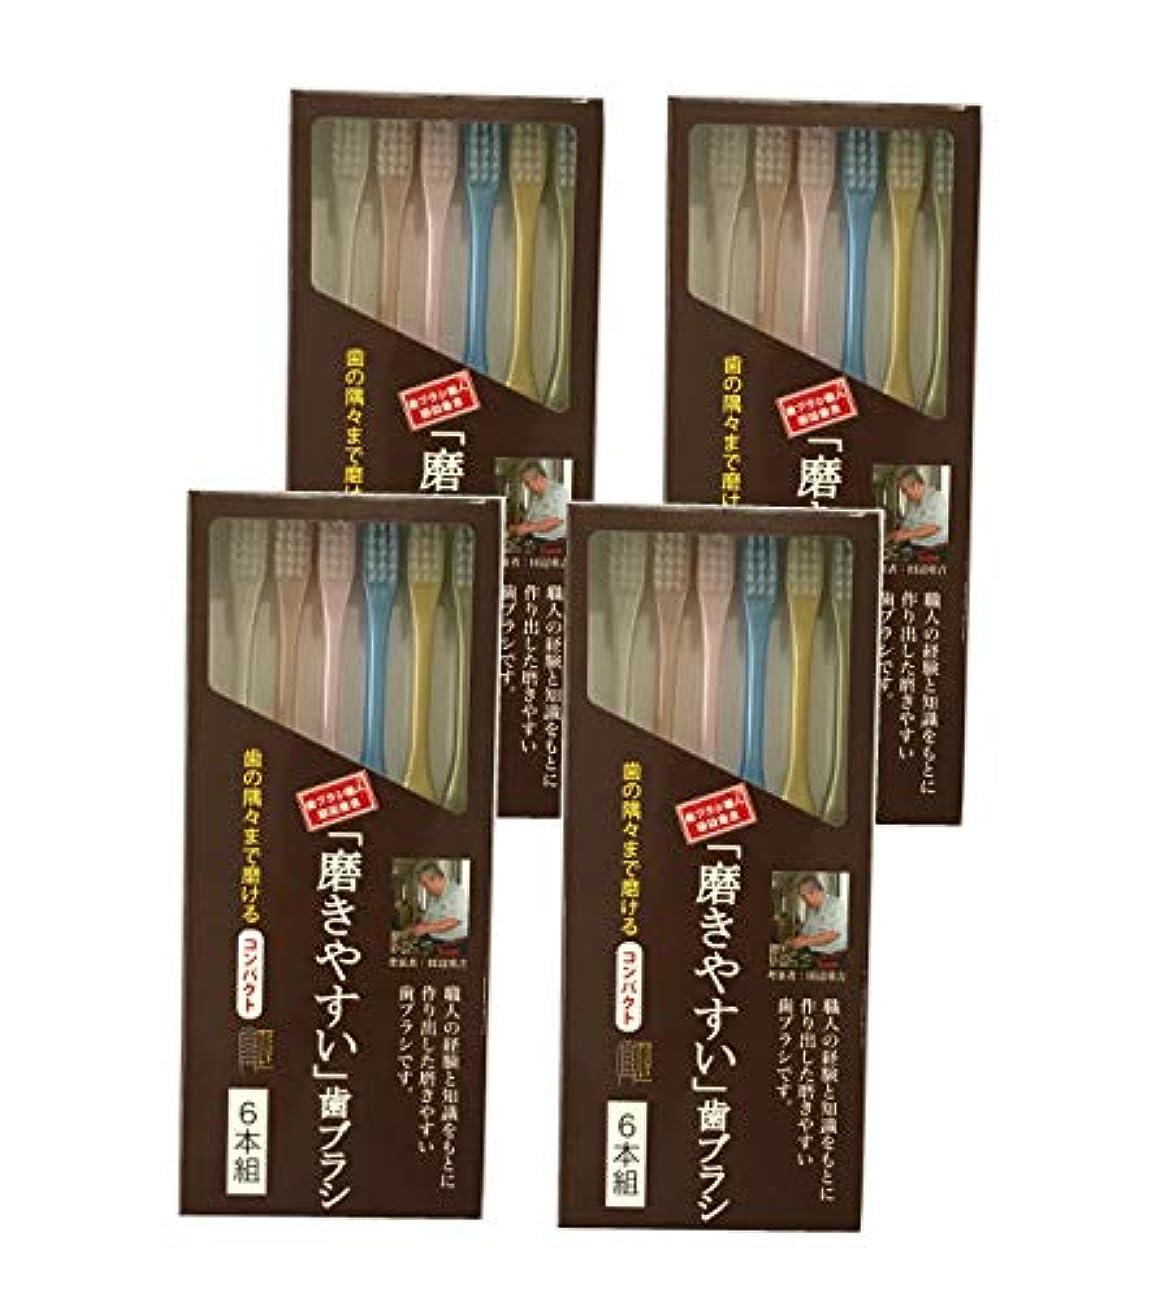 従う不屈便利さ(24本】歯ブラシ職人 田辺重吉考案 磨きやすい歯ブラシ 先細 6本組×4個セット